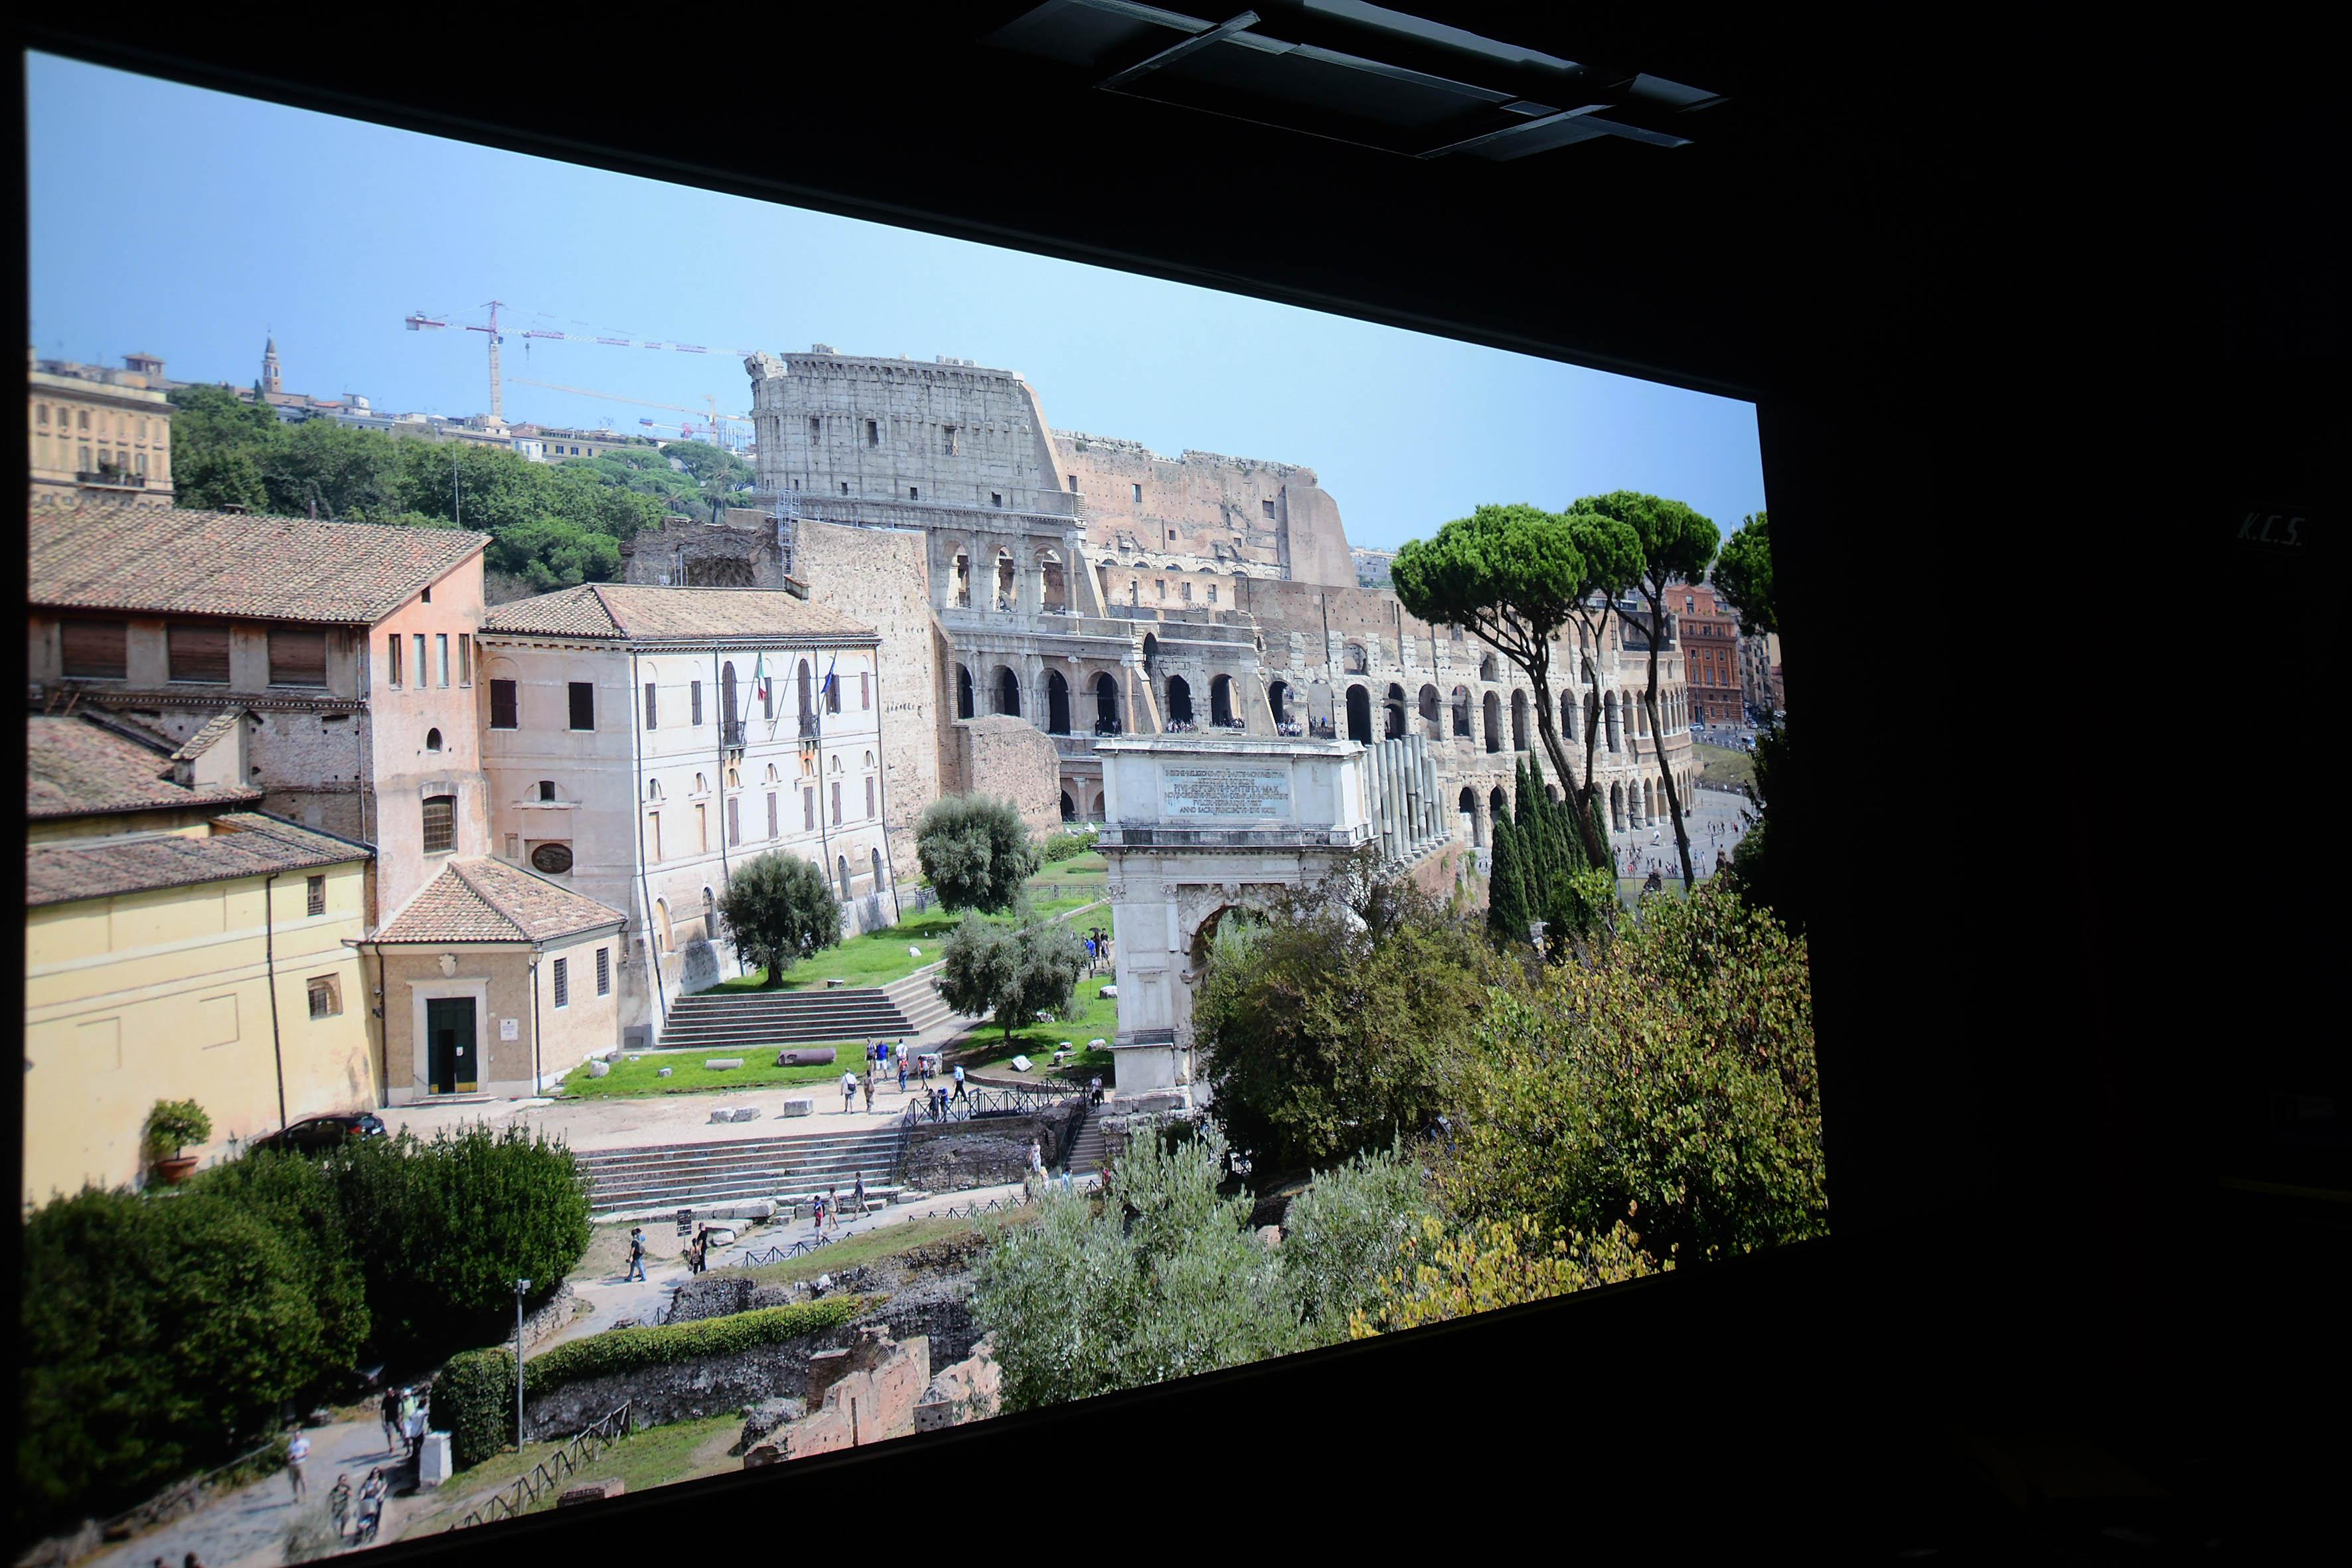 Originalaufnahme: Michael B. Rehders Die Panoramaaufnahme zeigt im Hintergrund das Kolosseum in Rom.